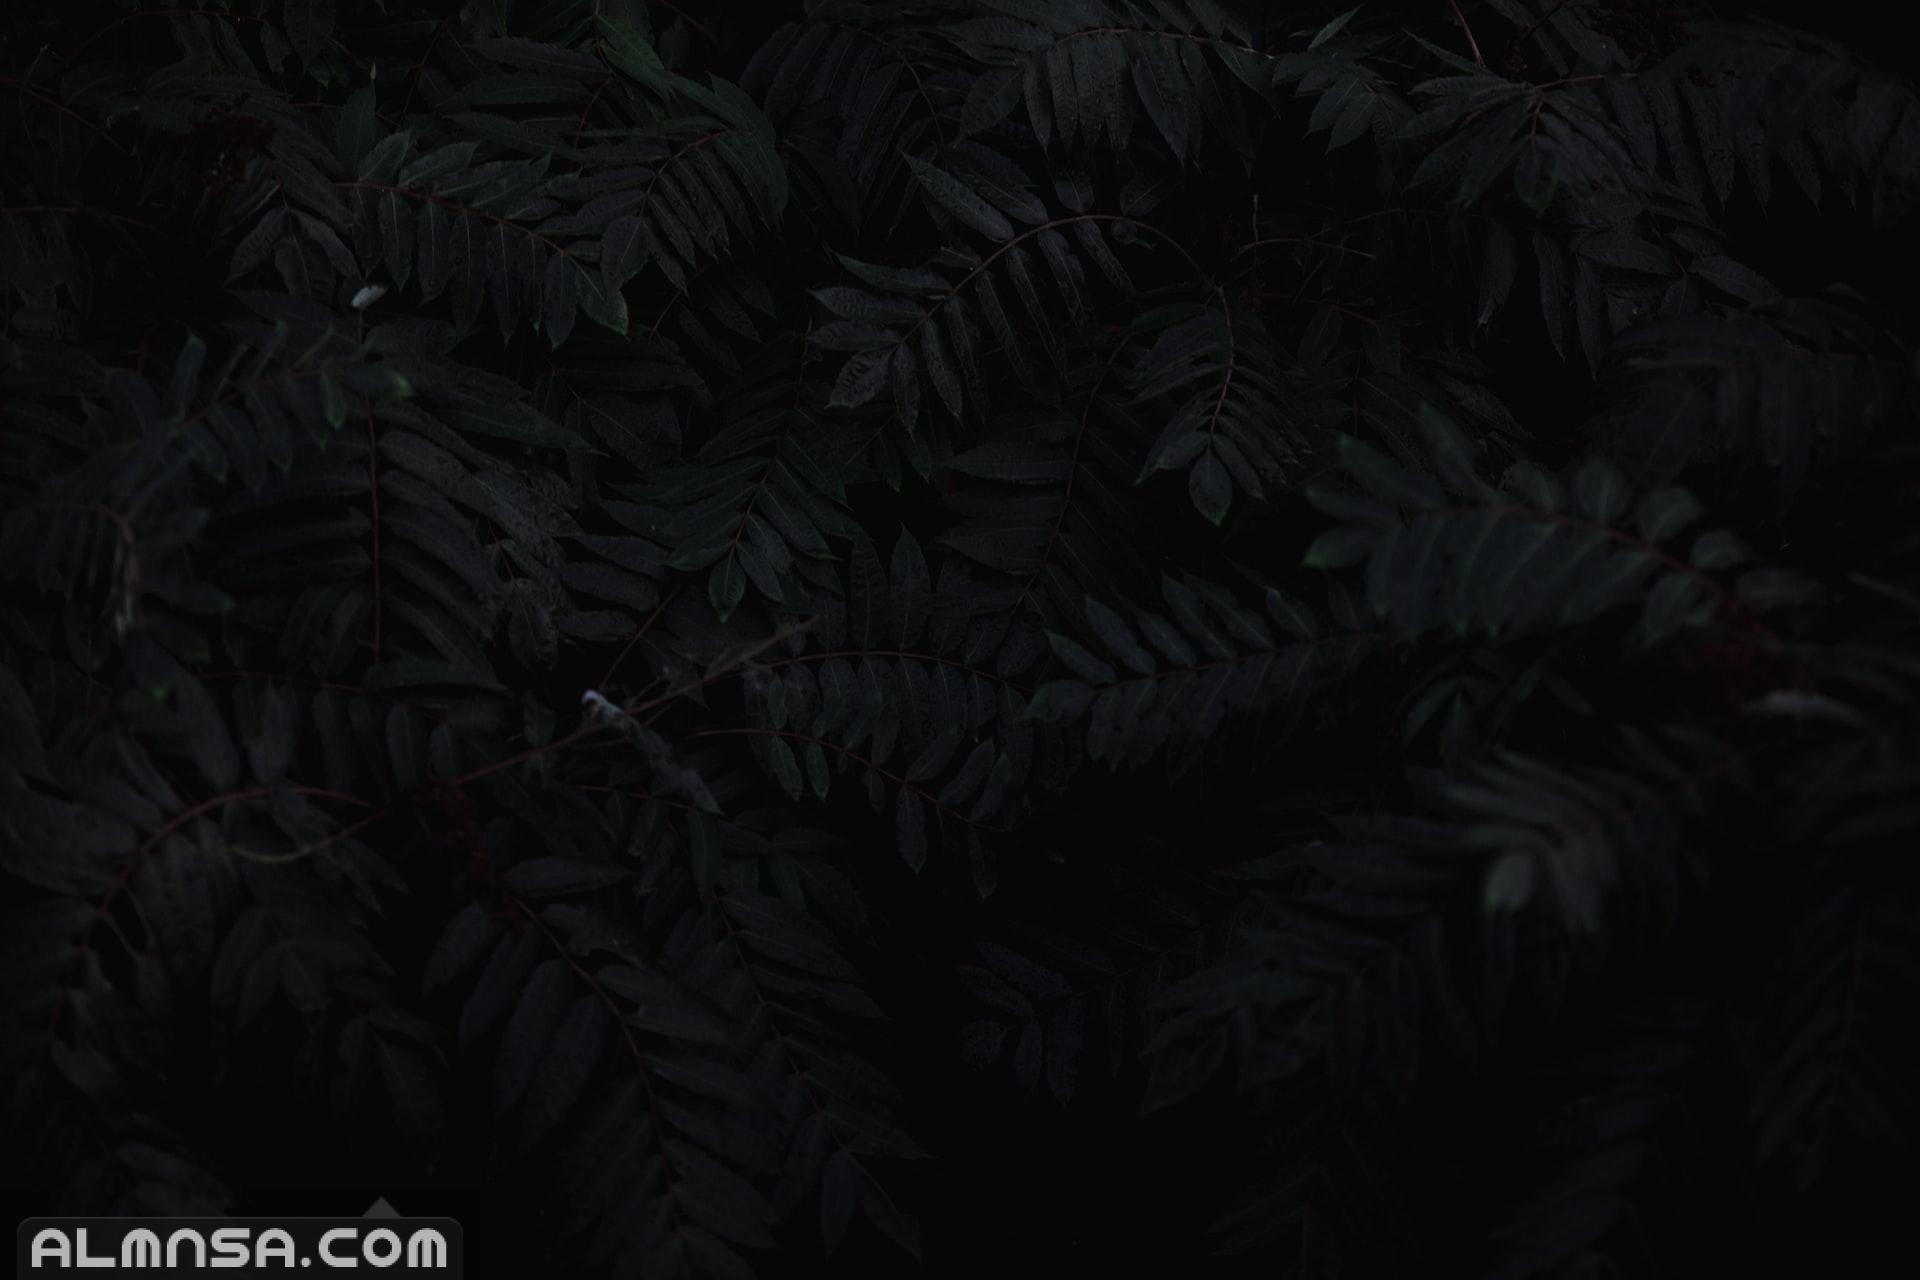 صور حداد سوداء خلفيات عزاء حزينة 2021